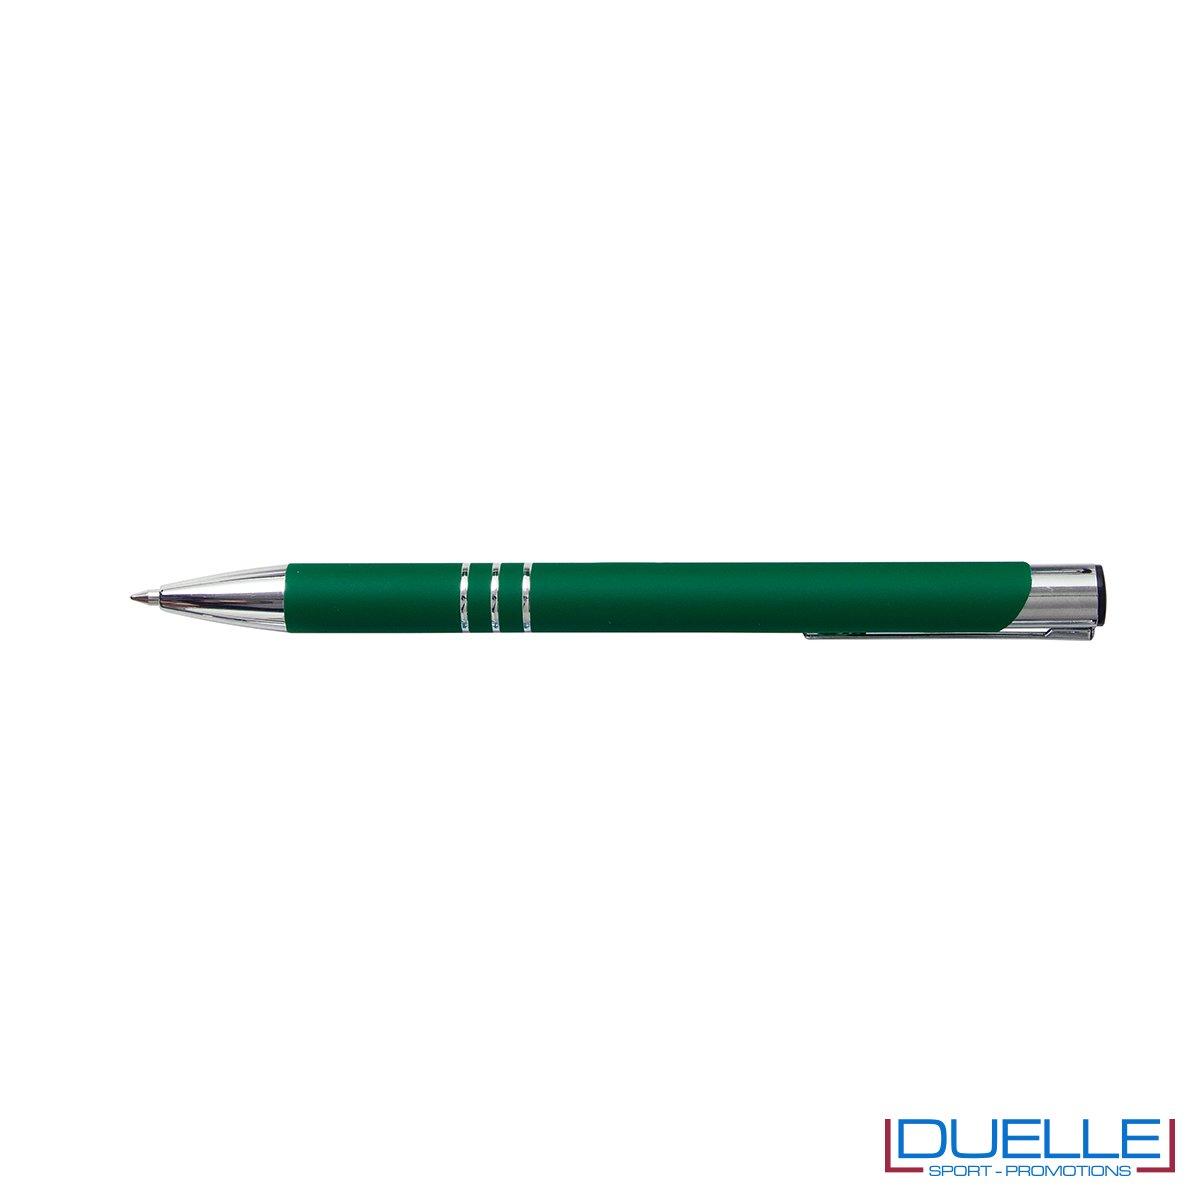 penna personalizzabile in metallo con finitura soft touch verde scuro, penne personalizzate promozionali soft touch verde scuro